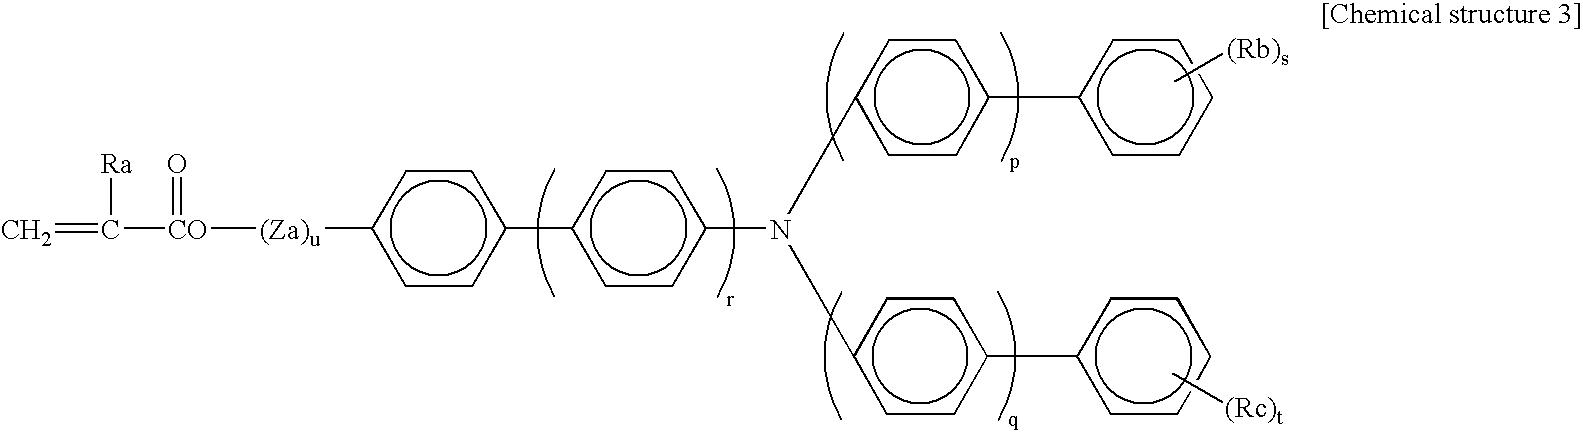 Figure US20070196749A1-20070823-C00005